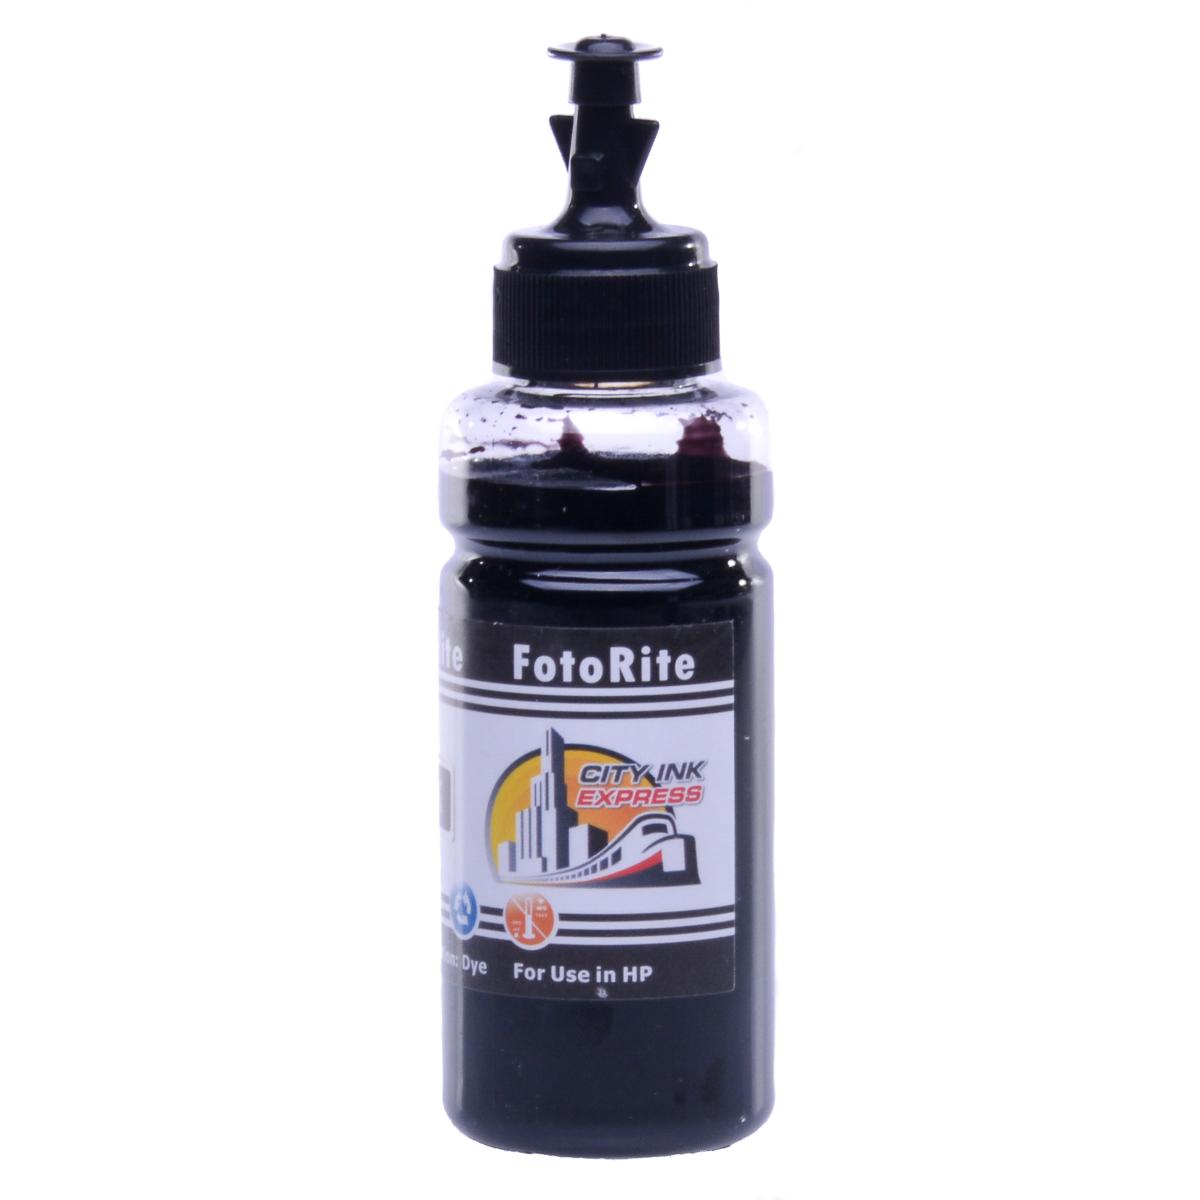 Cheap Black dye ink replaces HP Officejet Officejet 4610 - HP 364